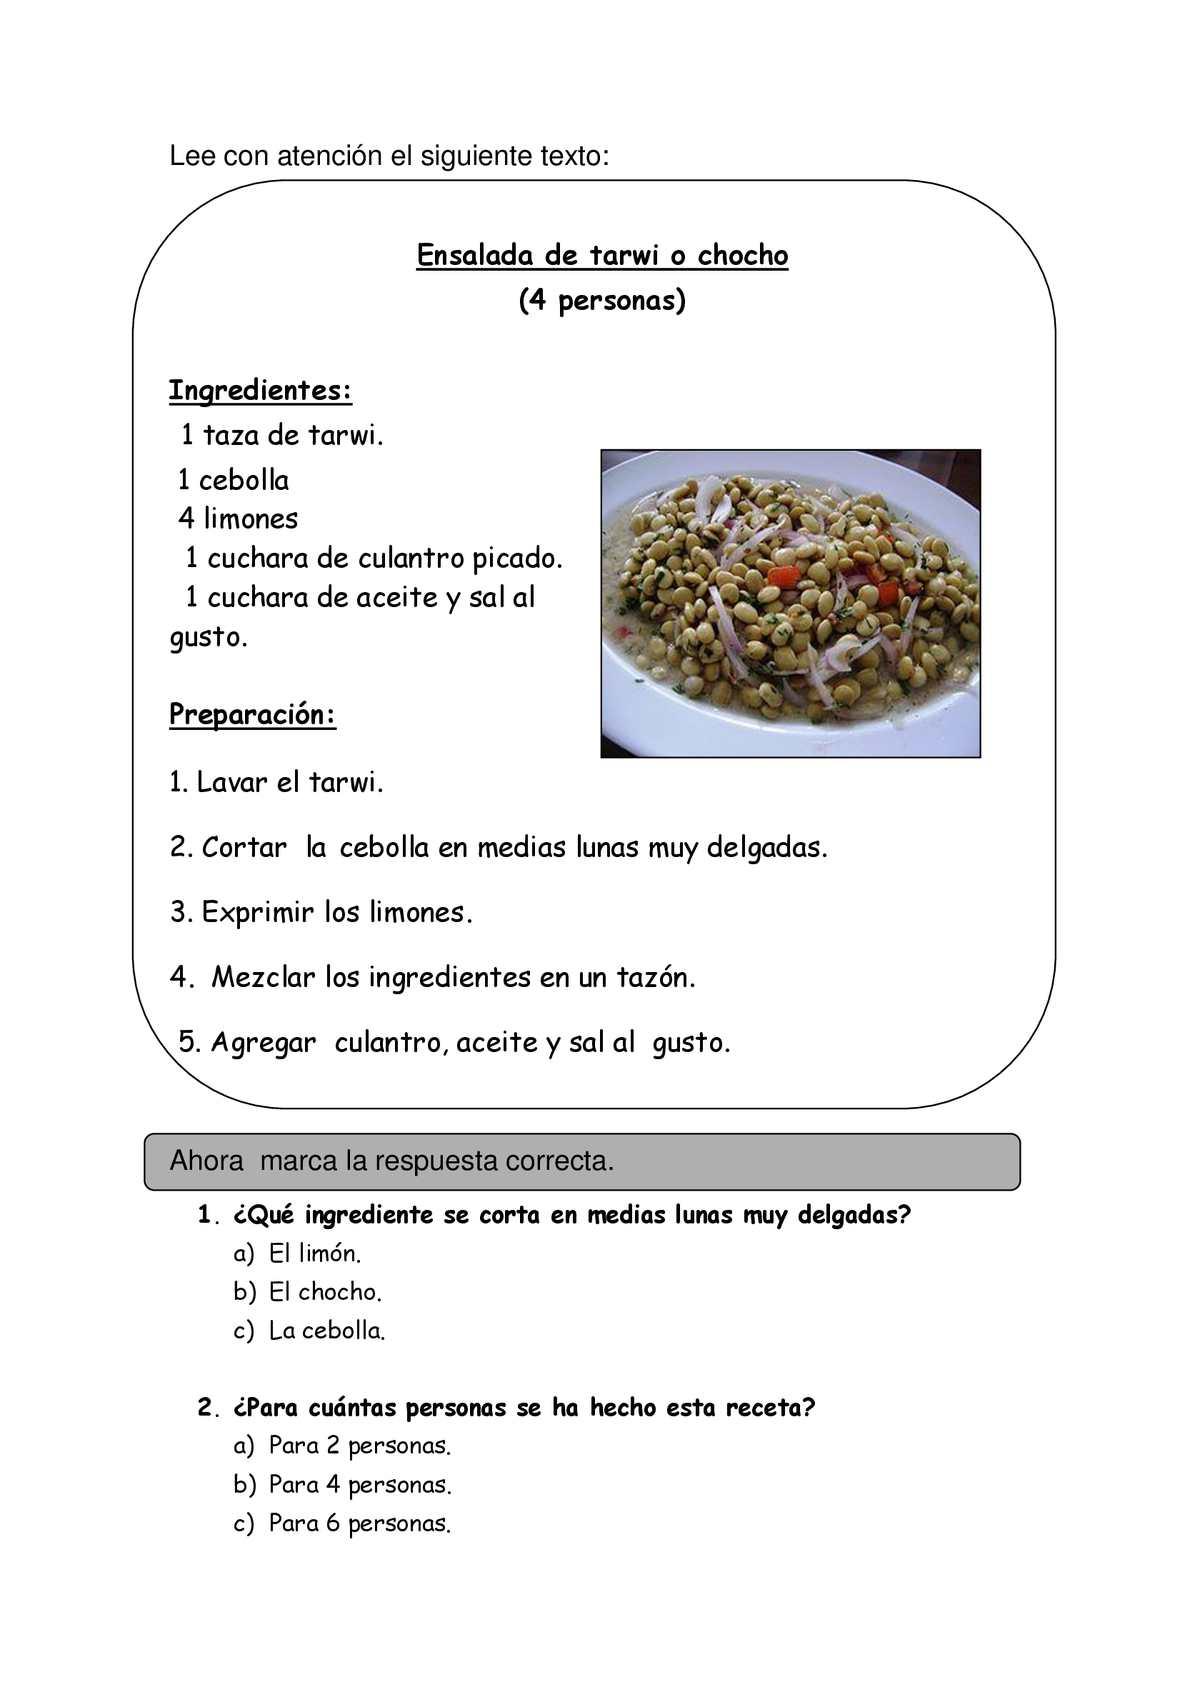 Image Result For Recetas De Cocina Cortas